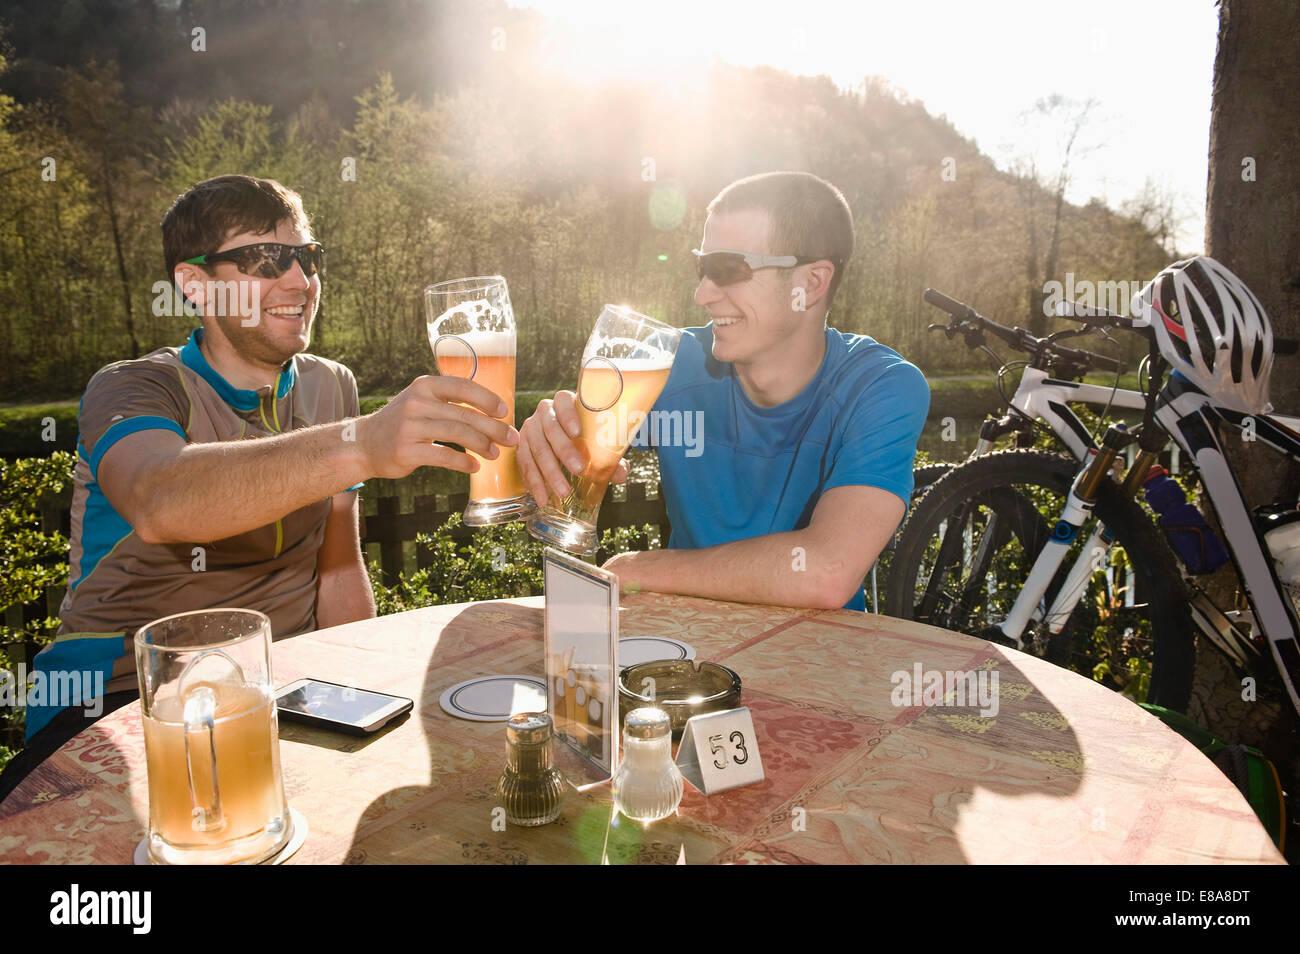 Los hombres jóvenes bebiendo cerveza, Baviera, Alemania Imagen De Stock